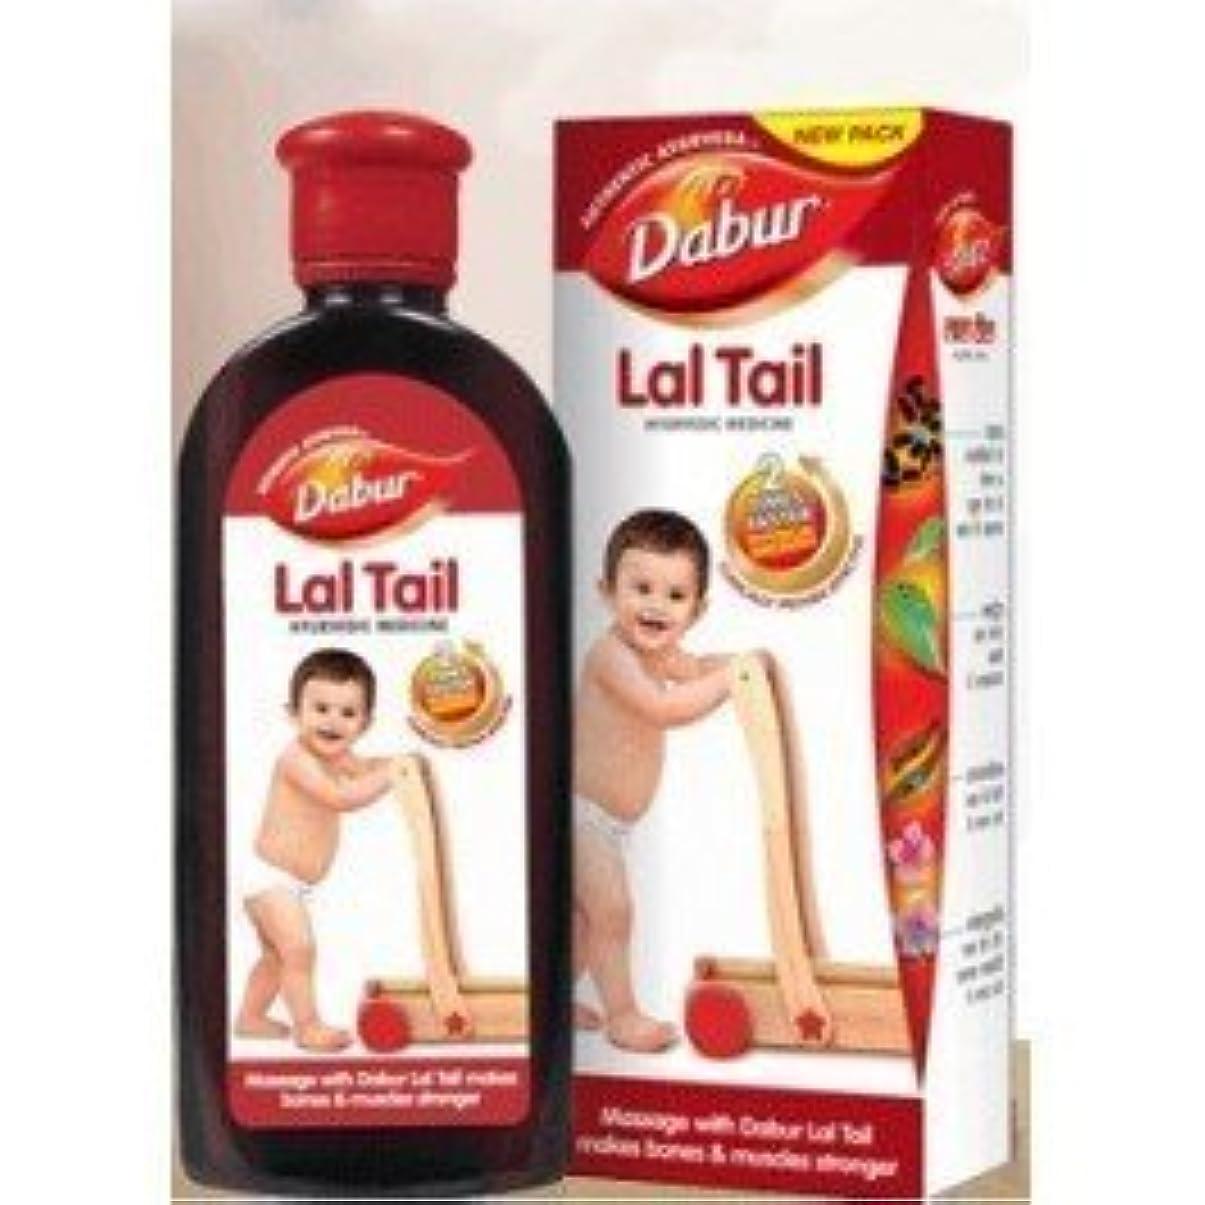 ゴールデン擬人たらいBaby / Child Natural Strengthening Herbal Ayurvedic Baby Massage Oil Dabur Lal Tail 100ml Large Size Infant by...